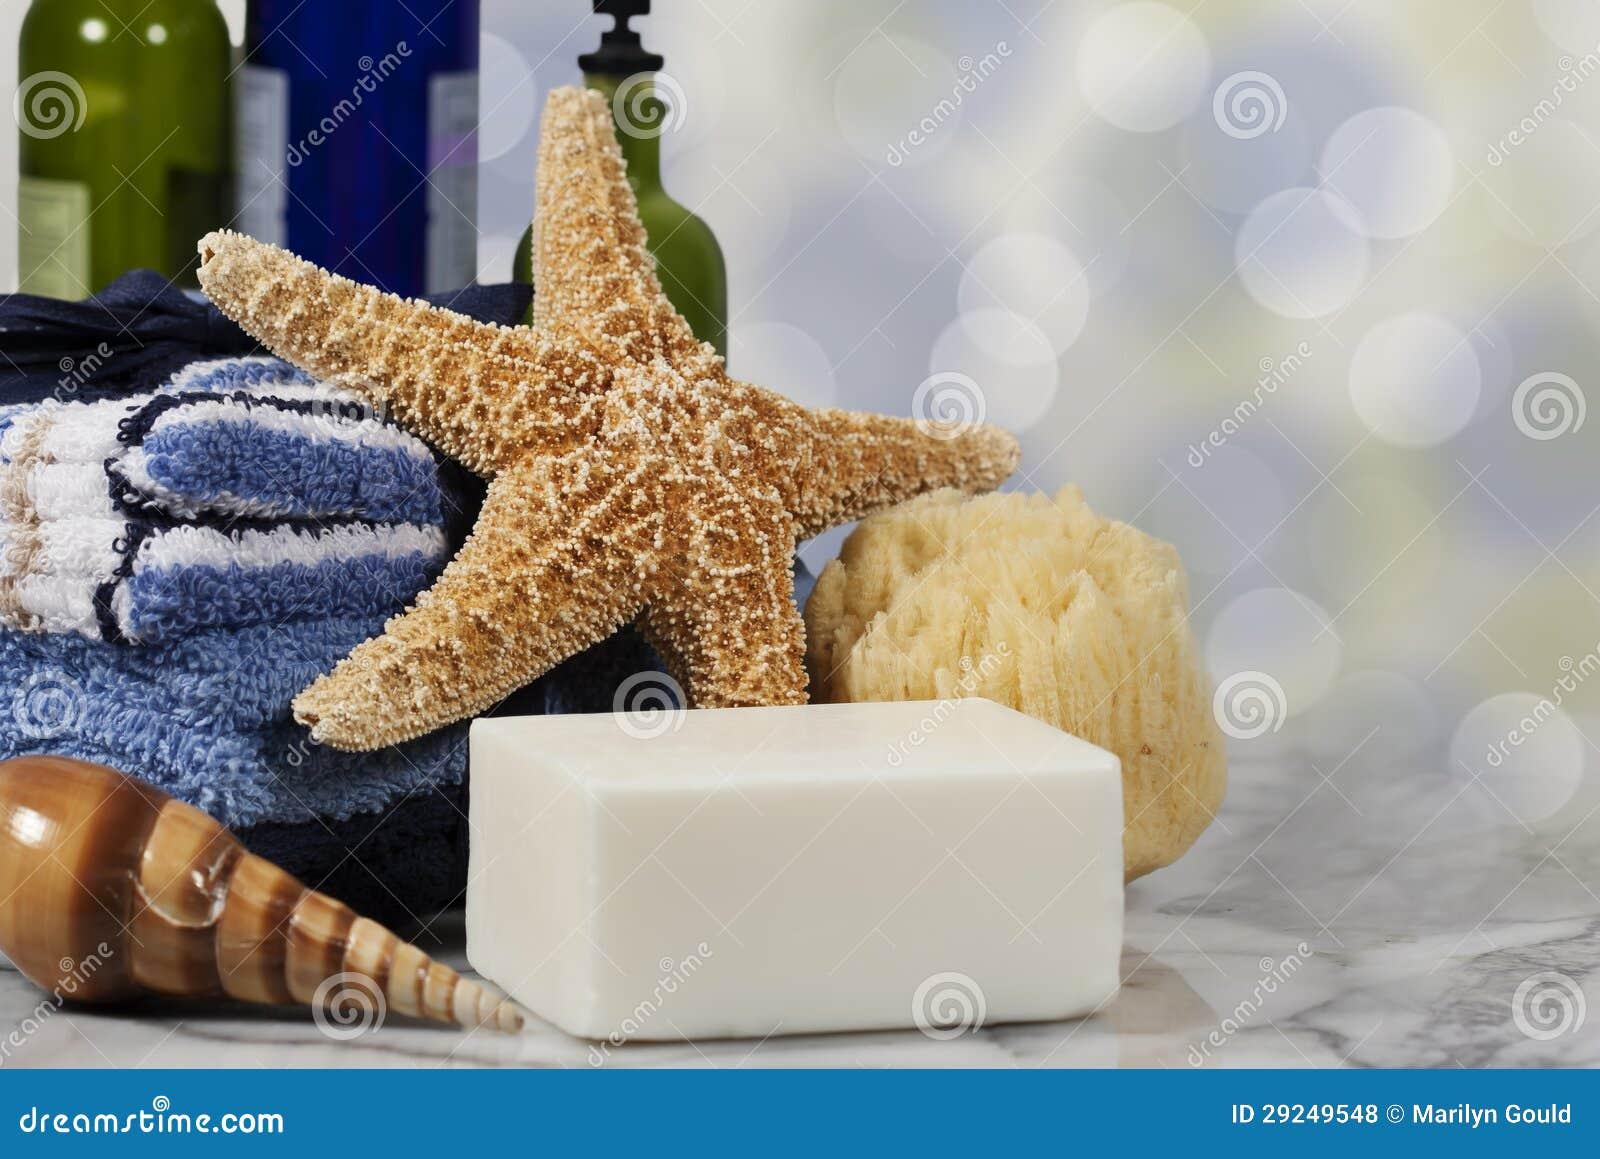 Download Sabão Do Conceito Dos Termas Do Banho Foto de Stock - Imagem de azul, washcloths: 29249548